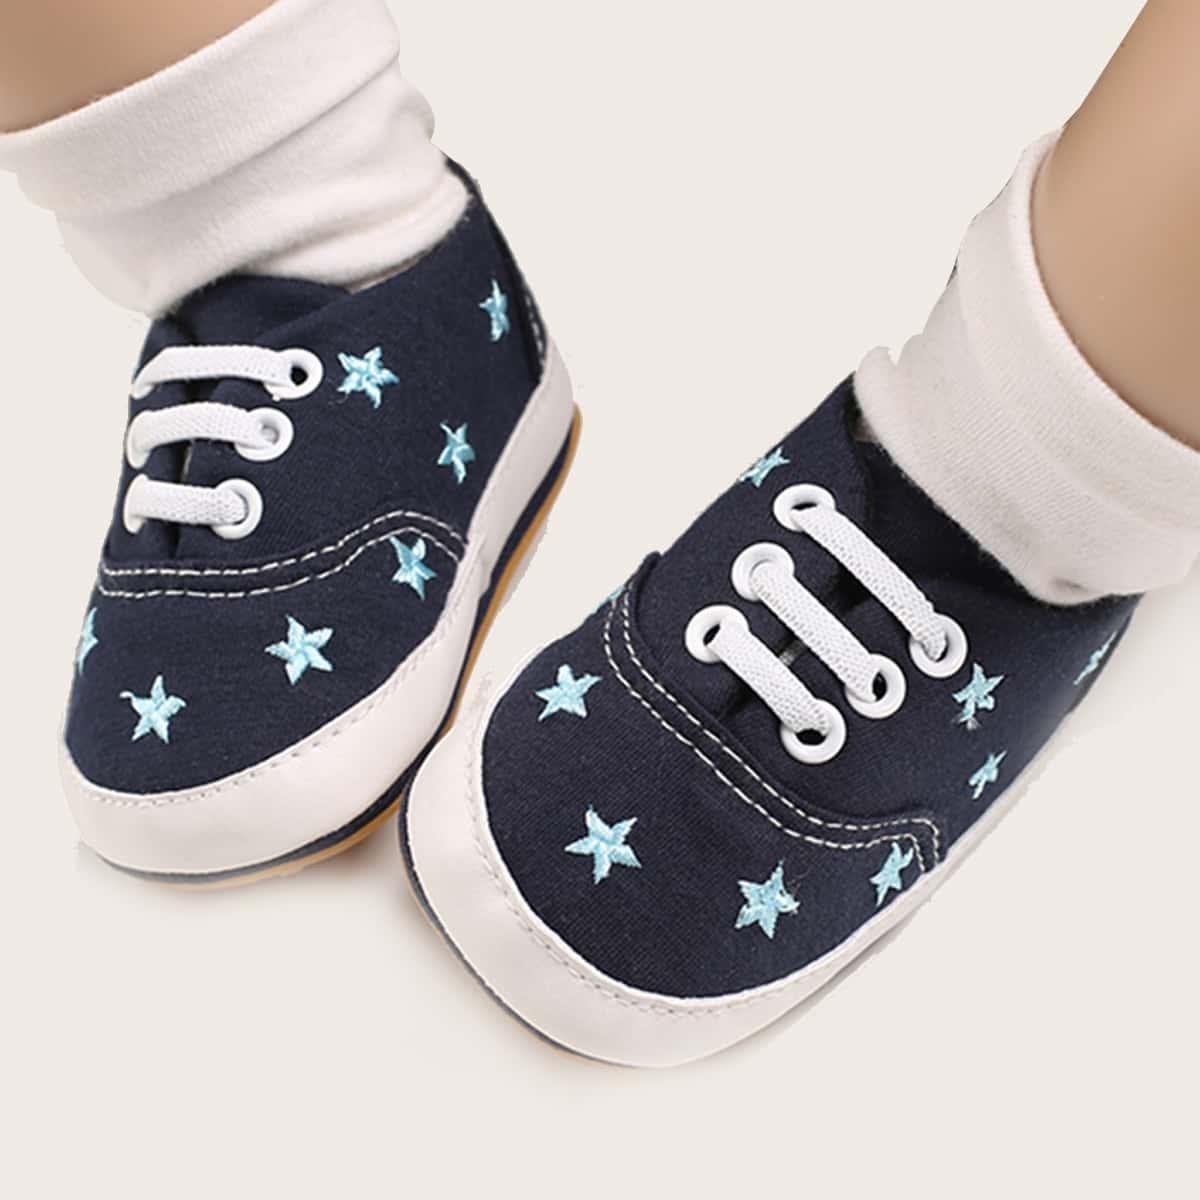 Кроссовки на шнурках с вышивкой звезды для девочек